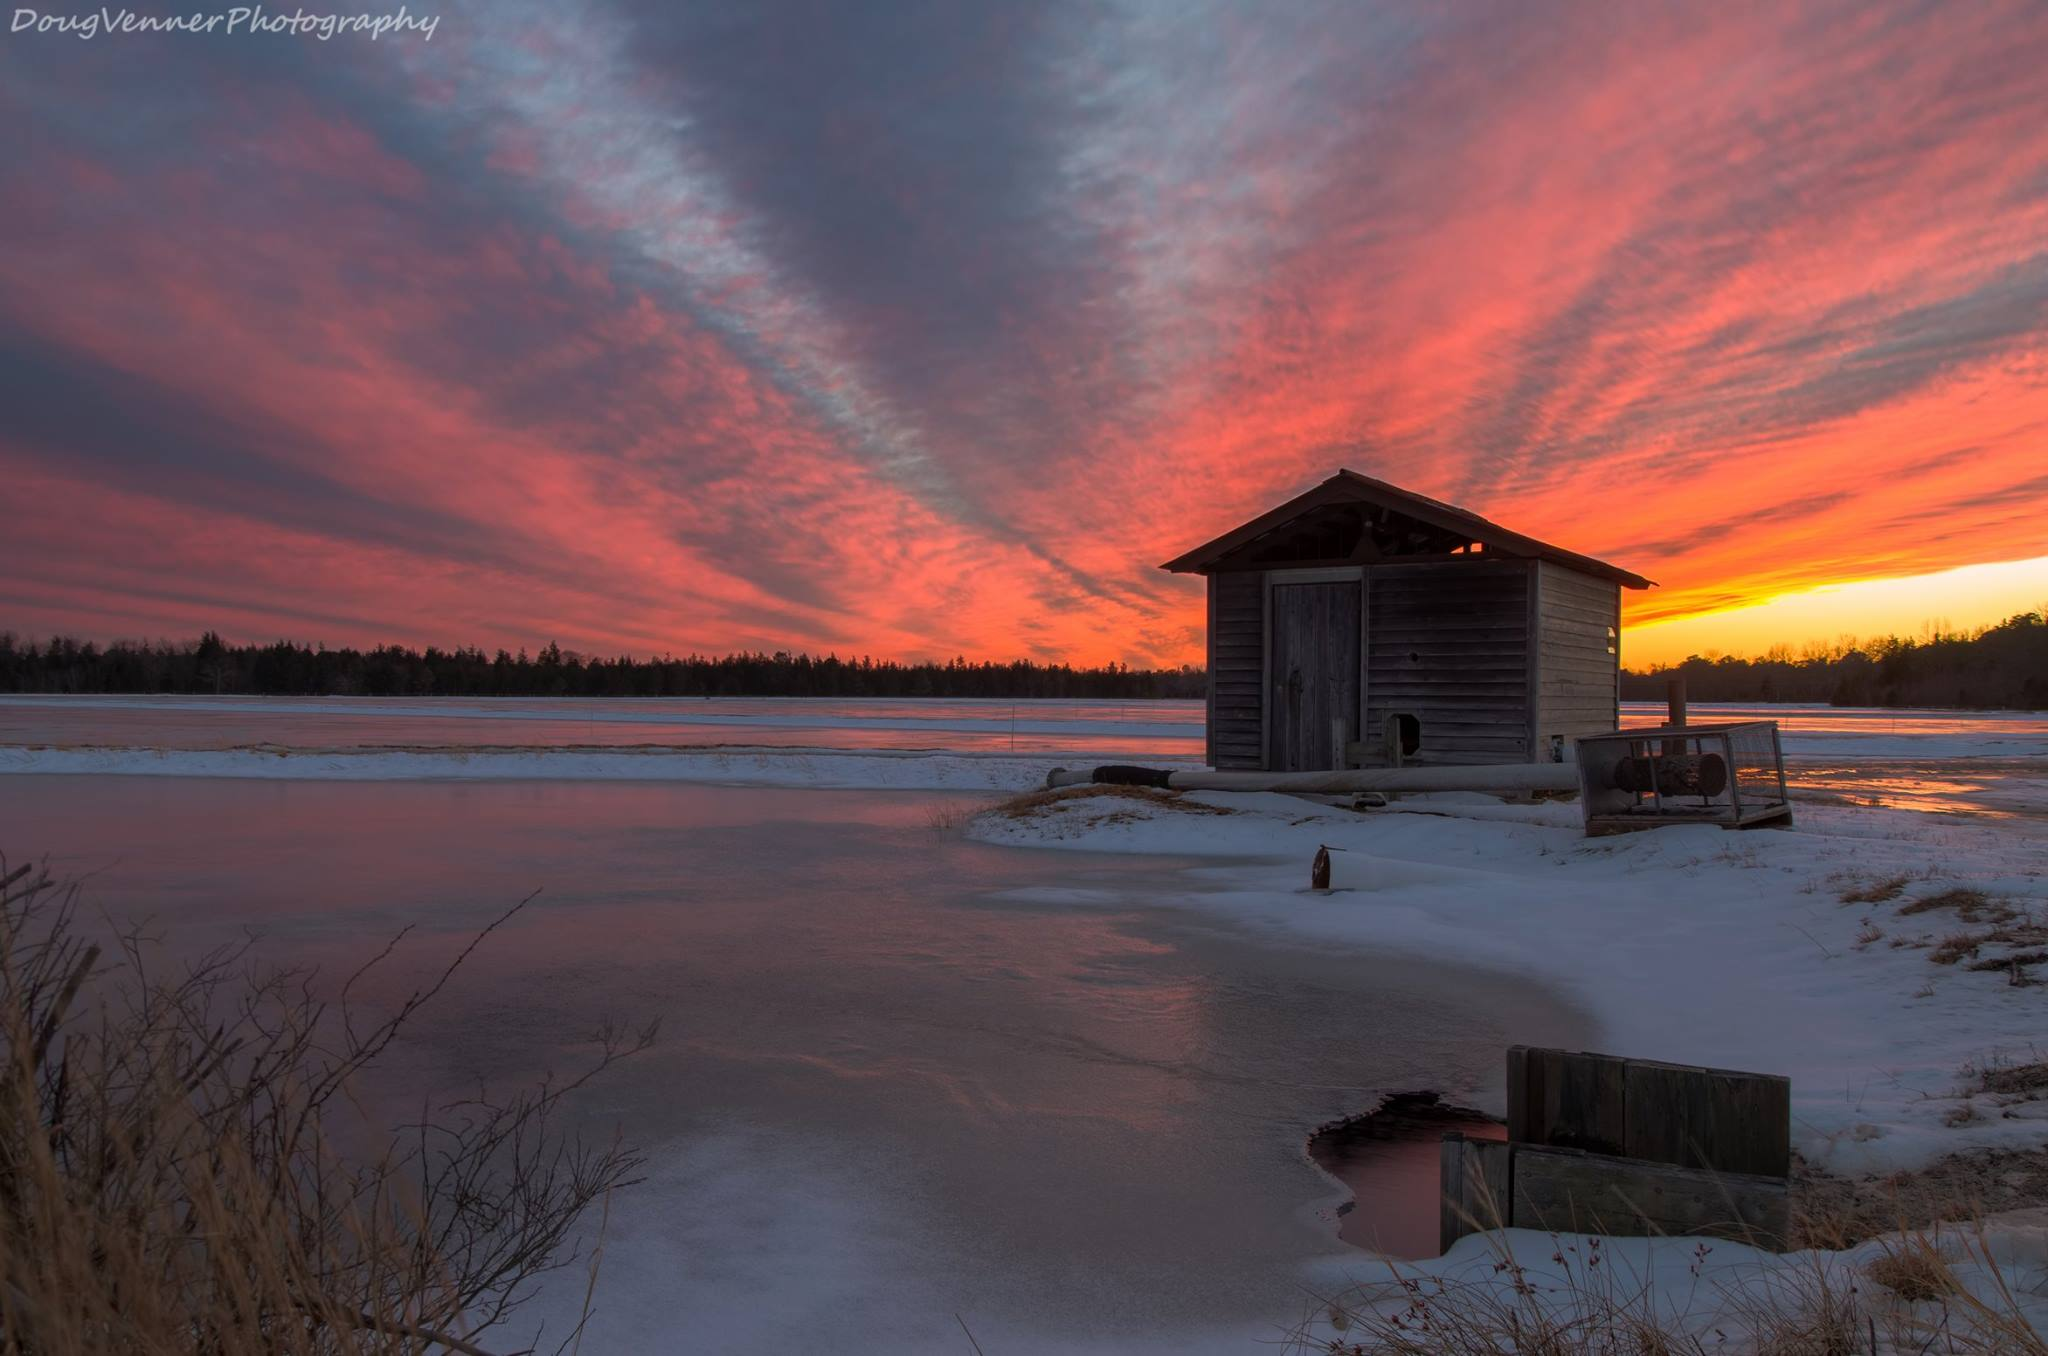 Sunset, Feb 23rd by Doug Venner